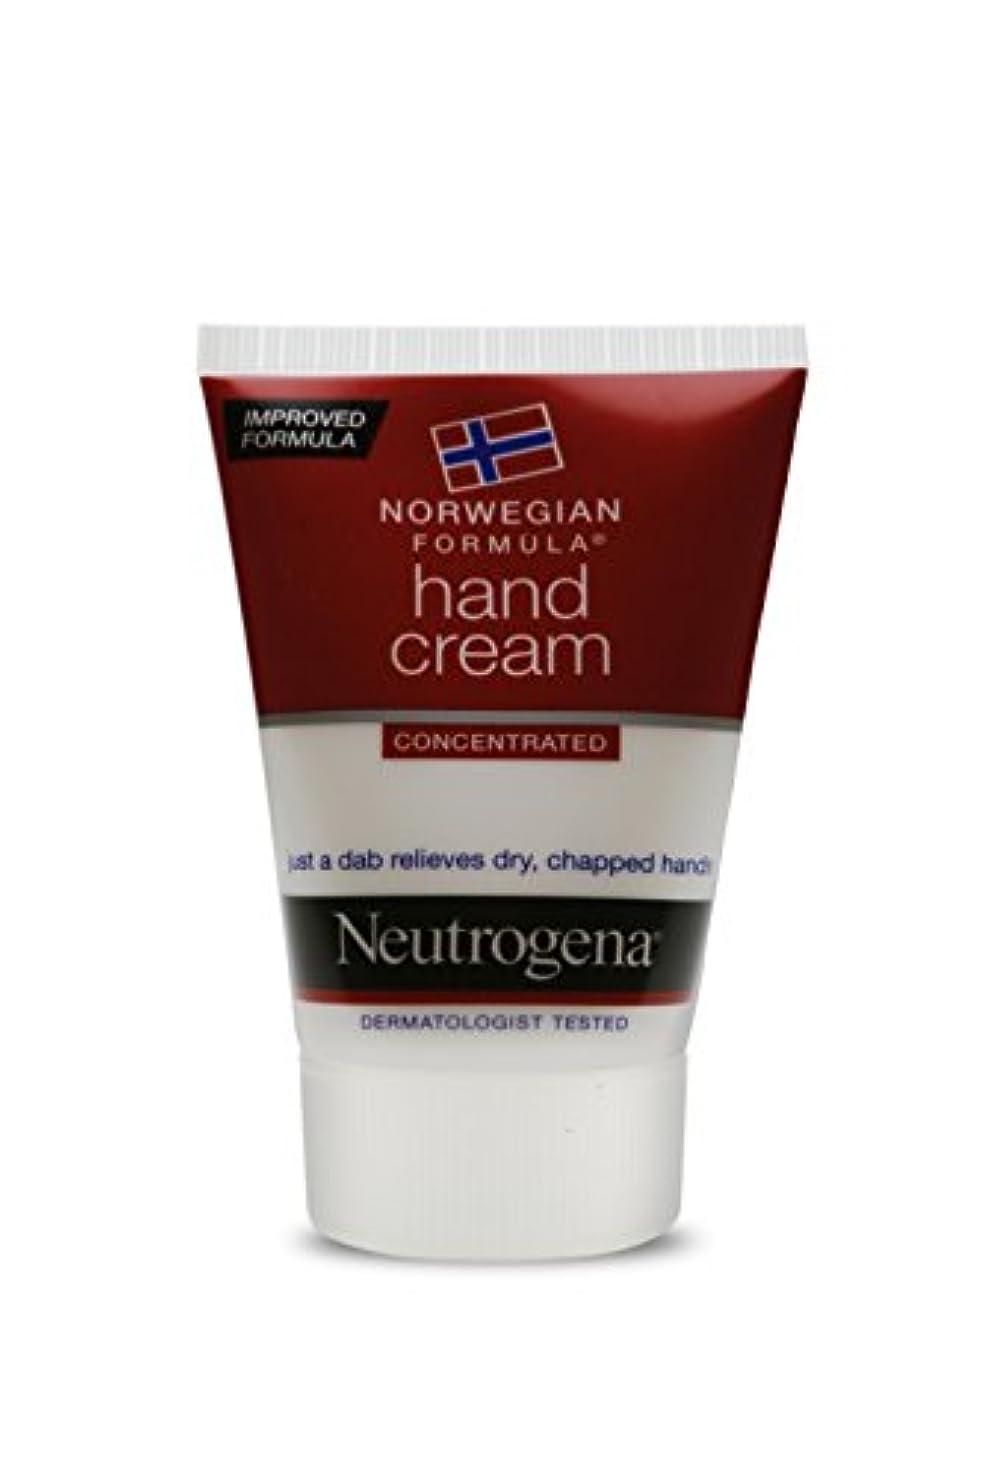 チェリーオーストラリア人代表Neutrogena Norwegian Formula Hand Cream, 56g